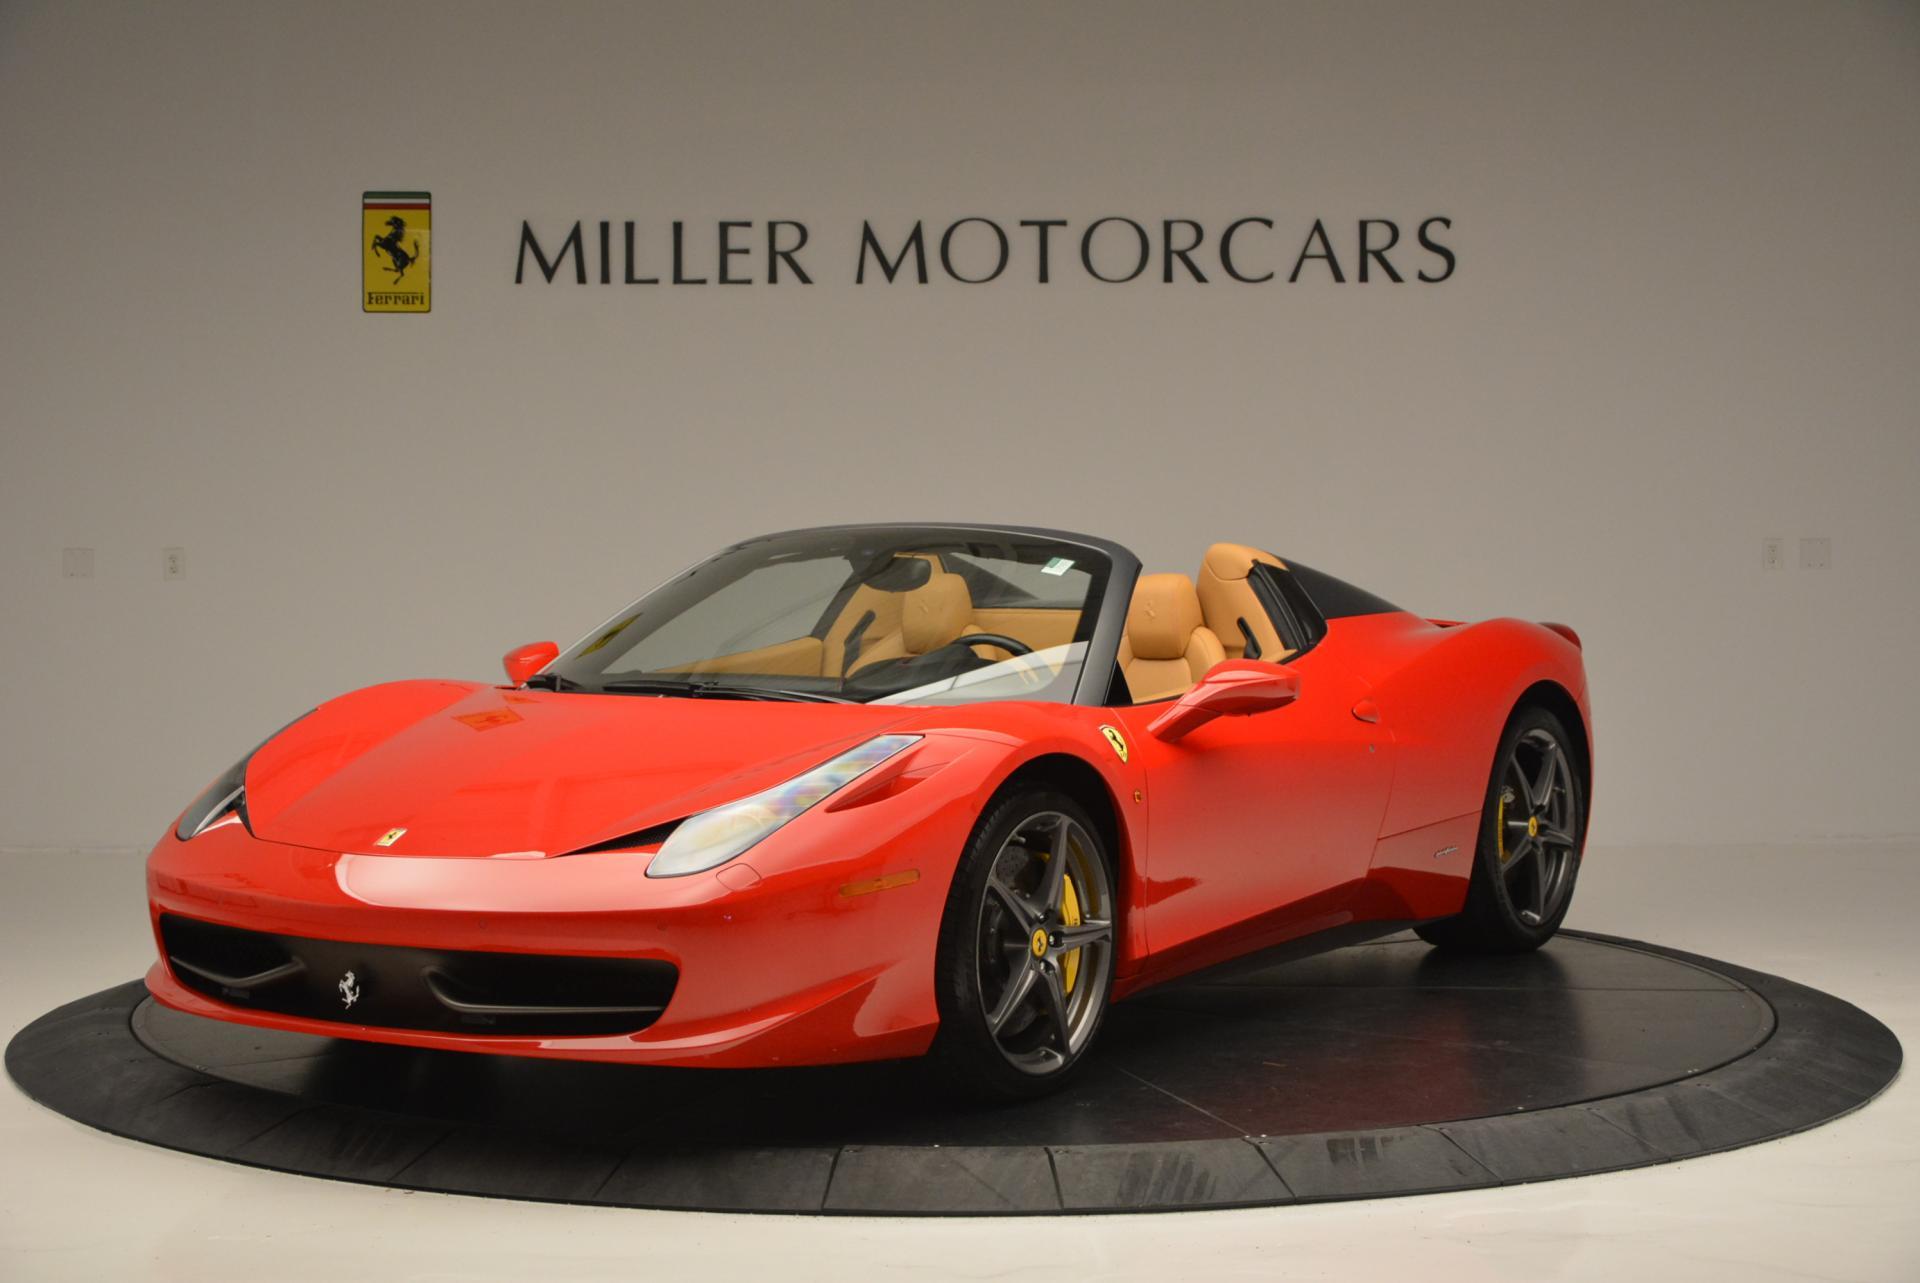 Used 2013 Ferrari 458 Spider  For Sale In Greenwich, CT. Alfa Romeo of Greenwich, 4341 537_main